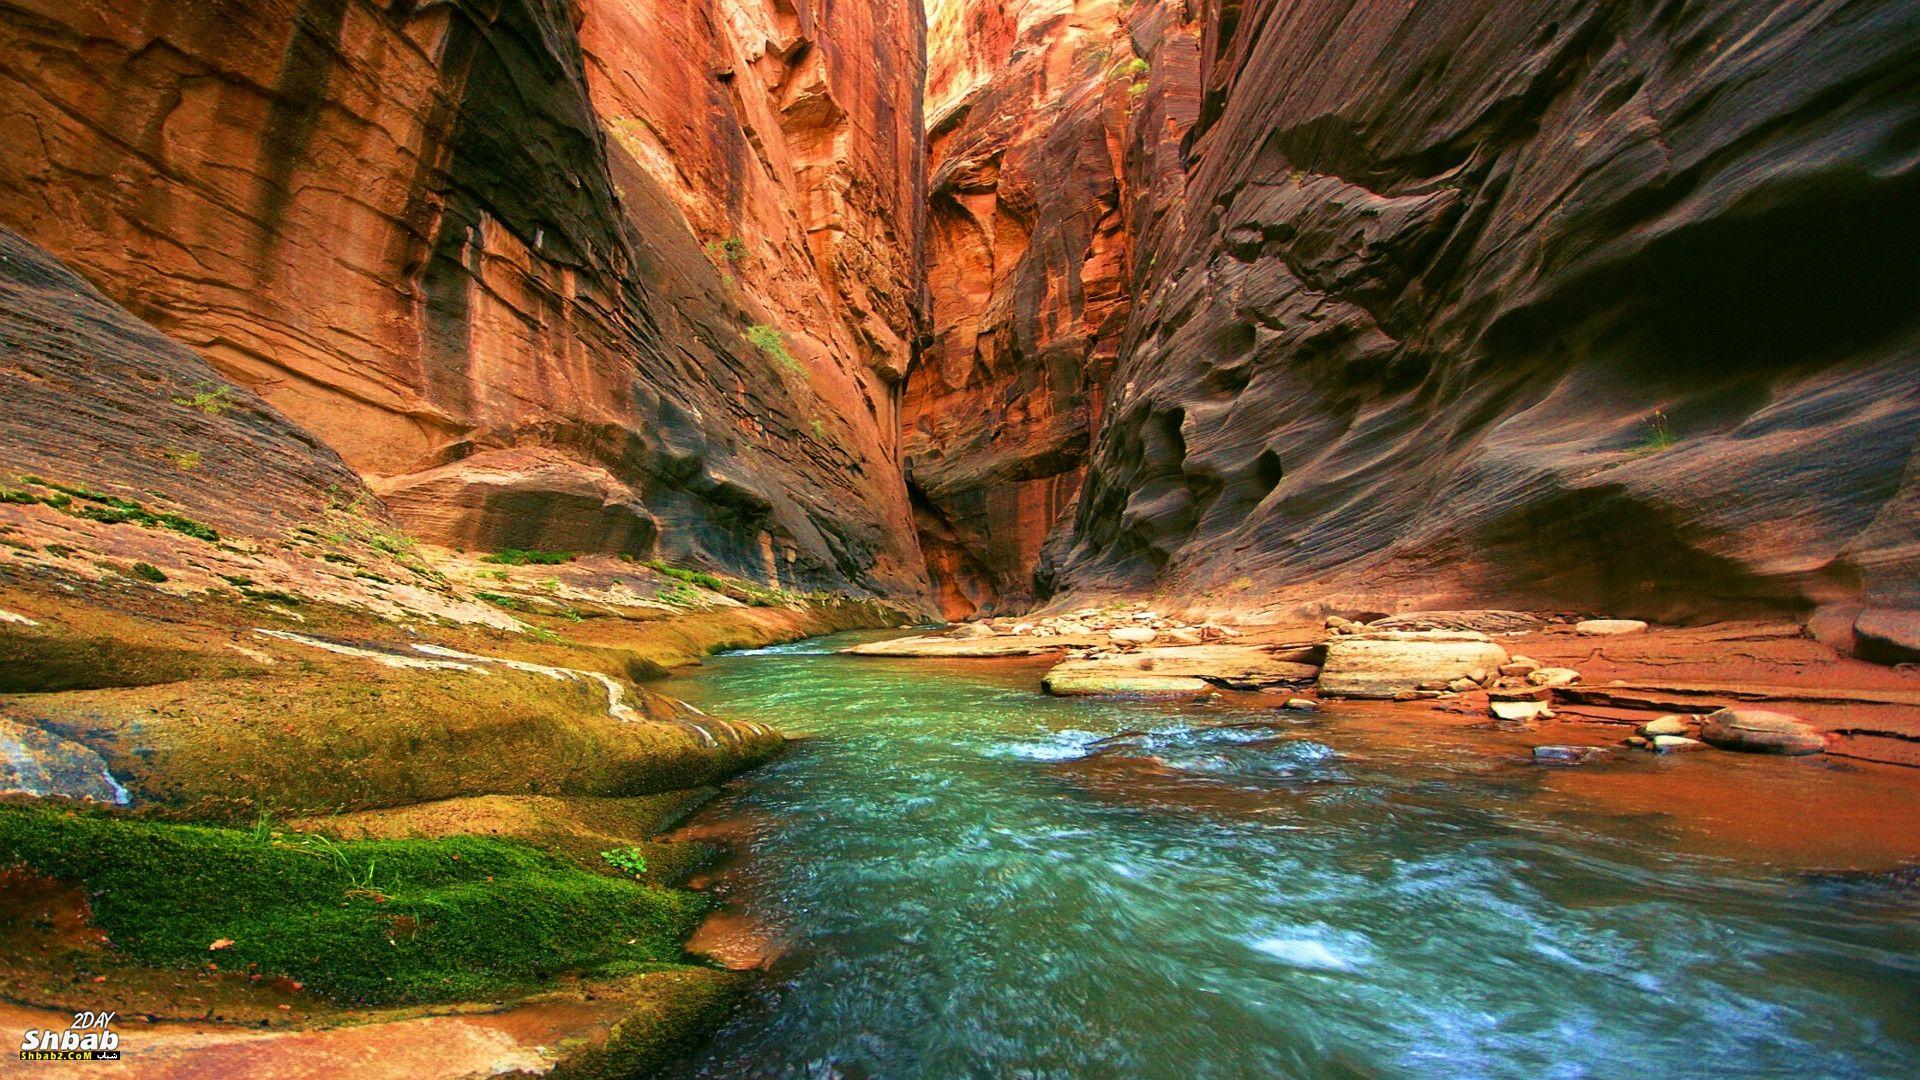 صور اروع صور الطبيعة , ابداع الخالق سبحان اللة